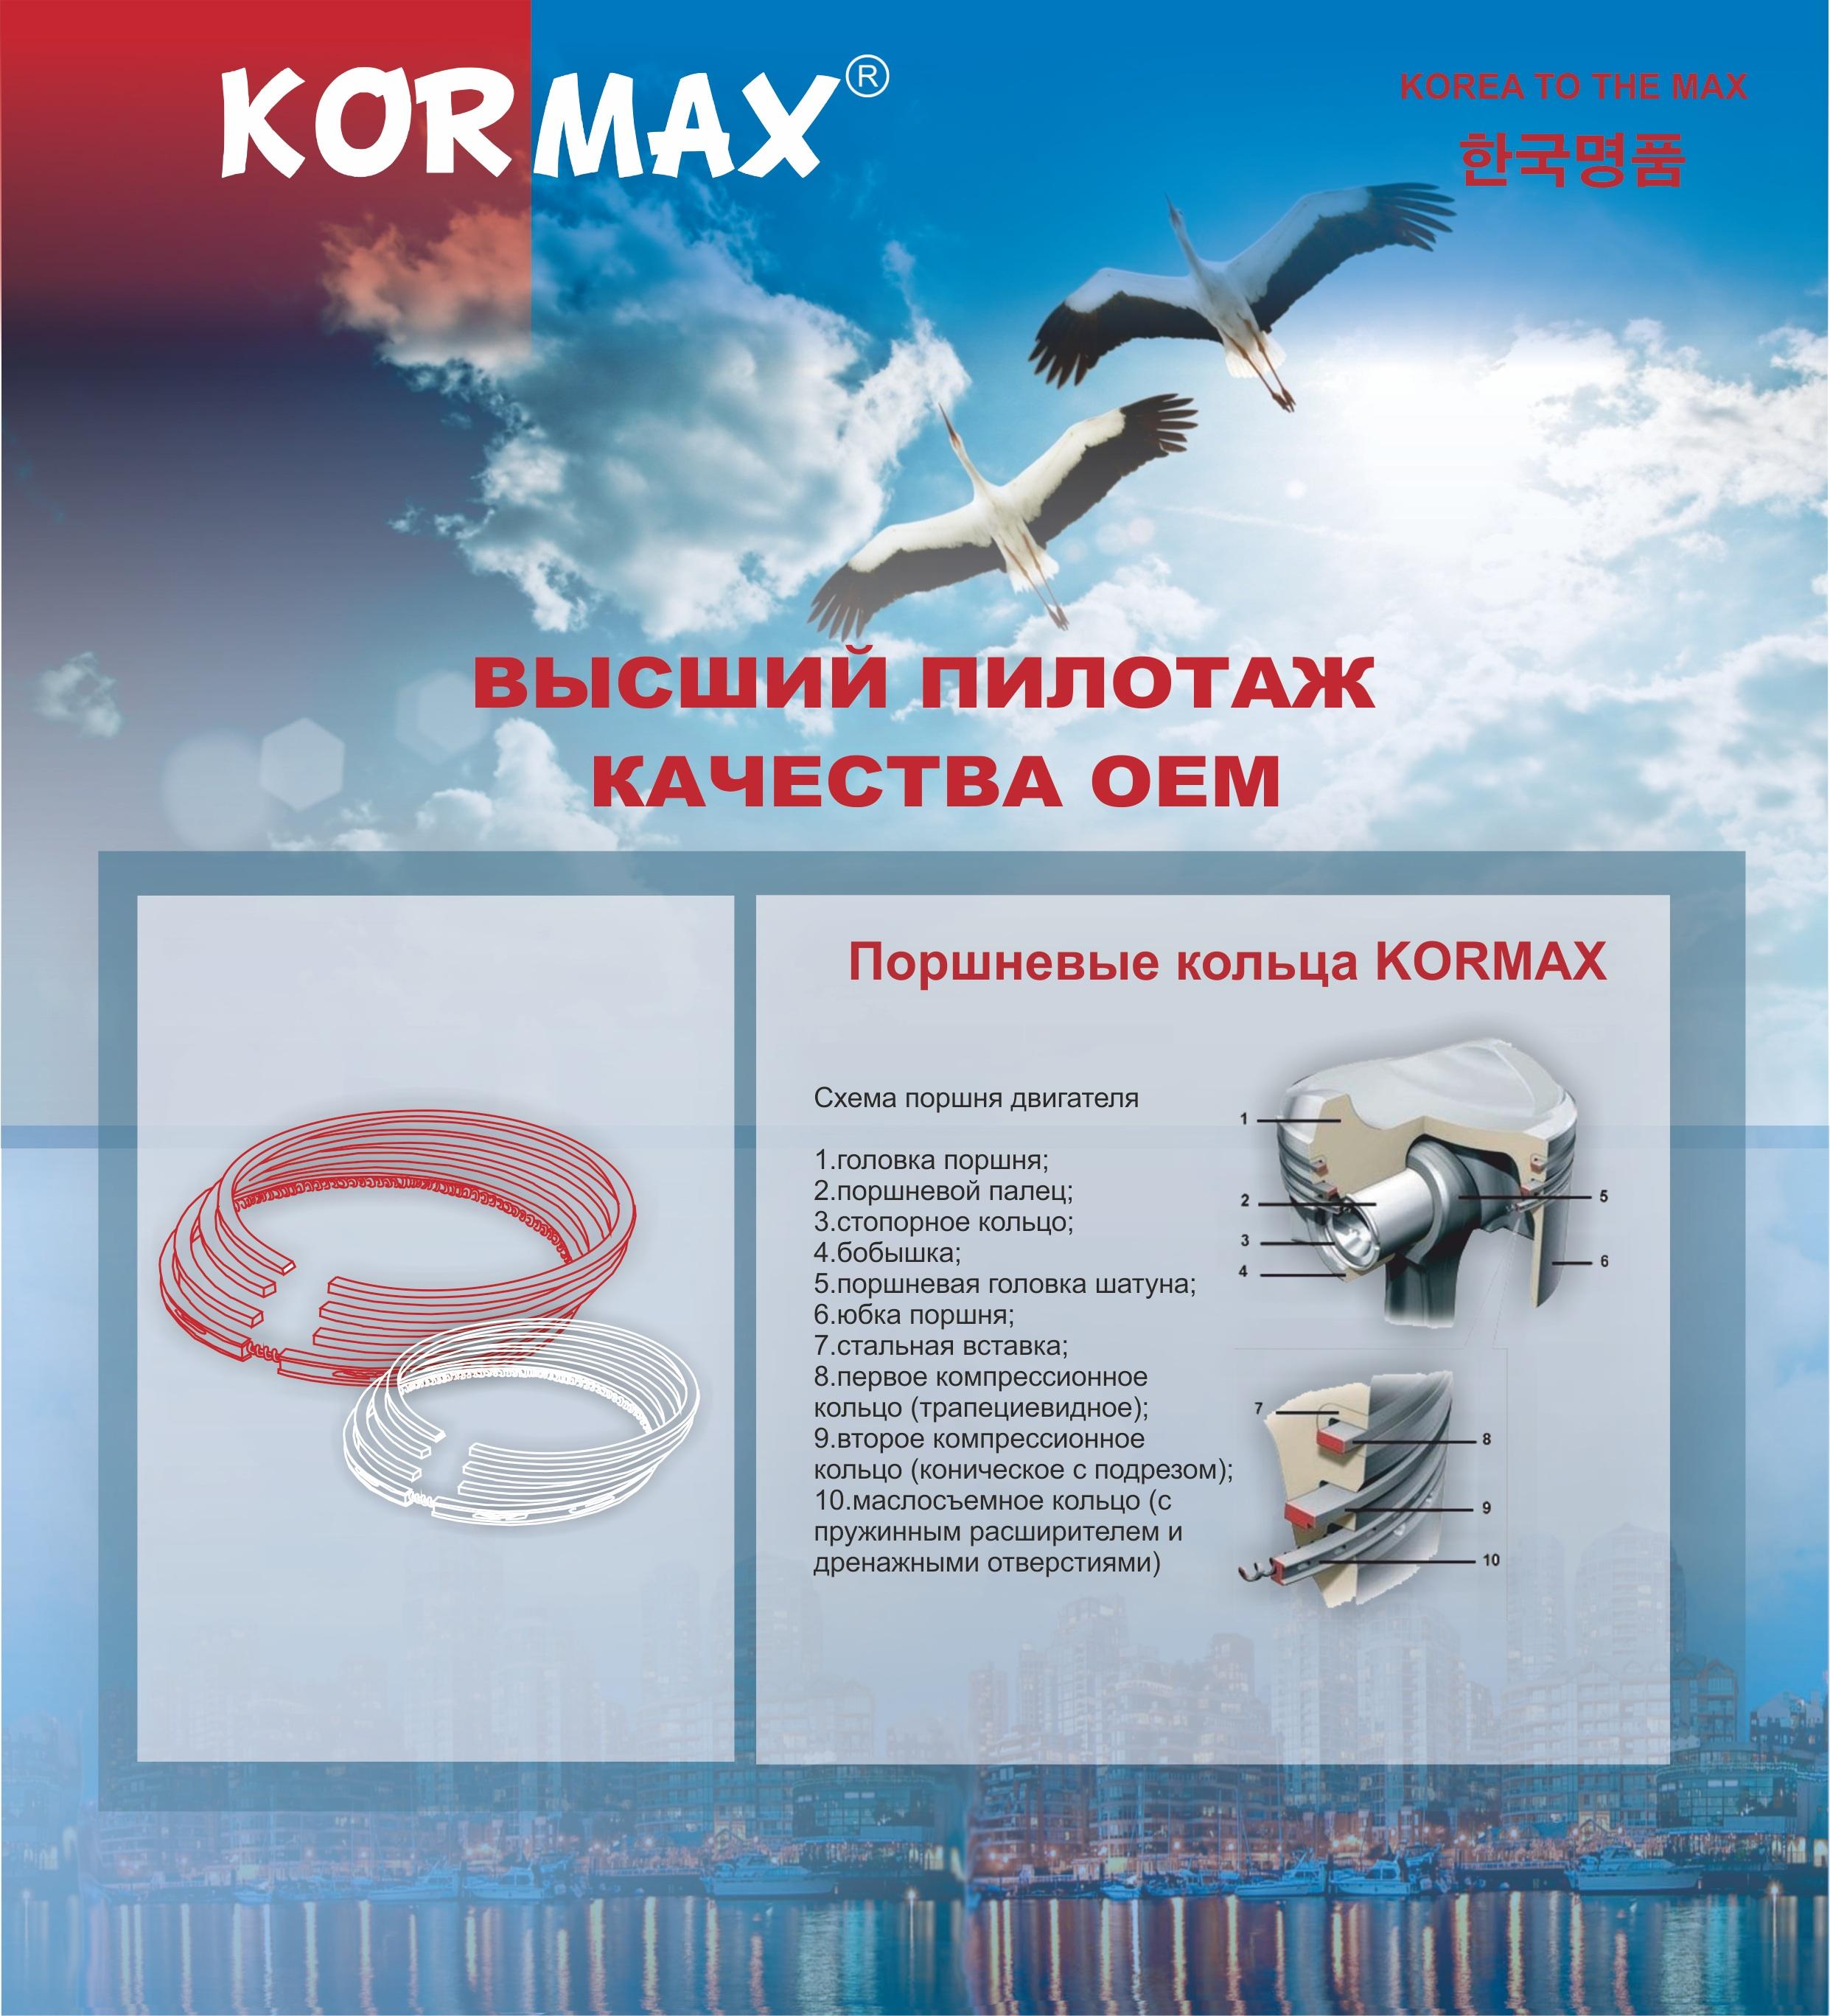 kormax поршневые кольца